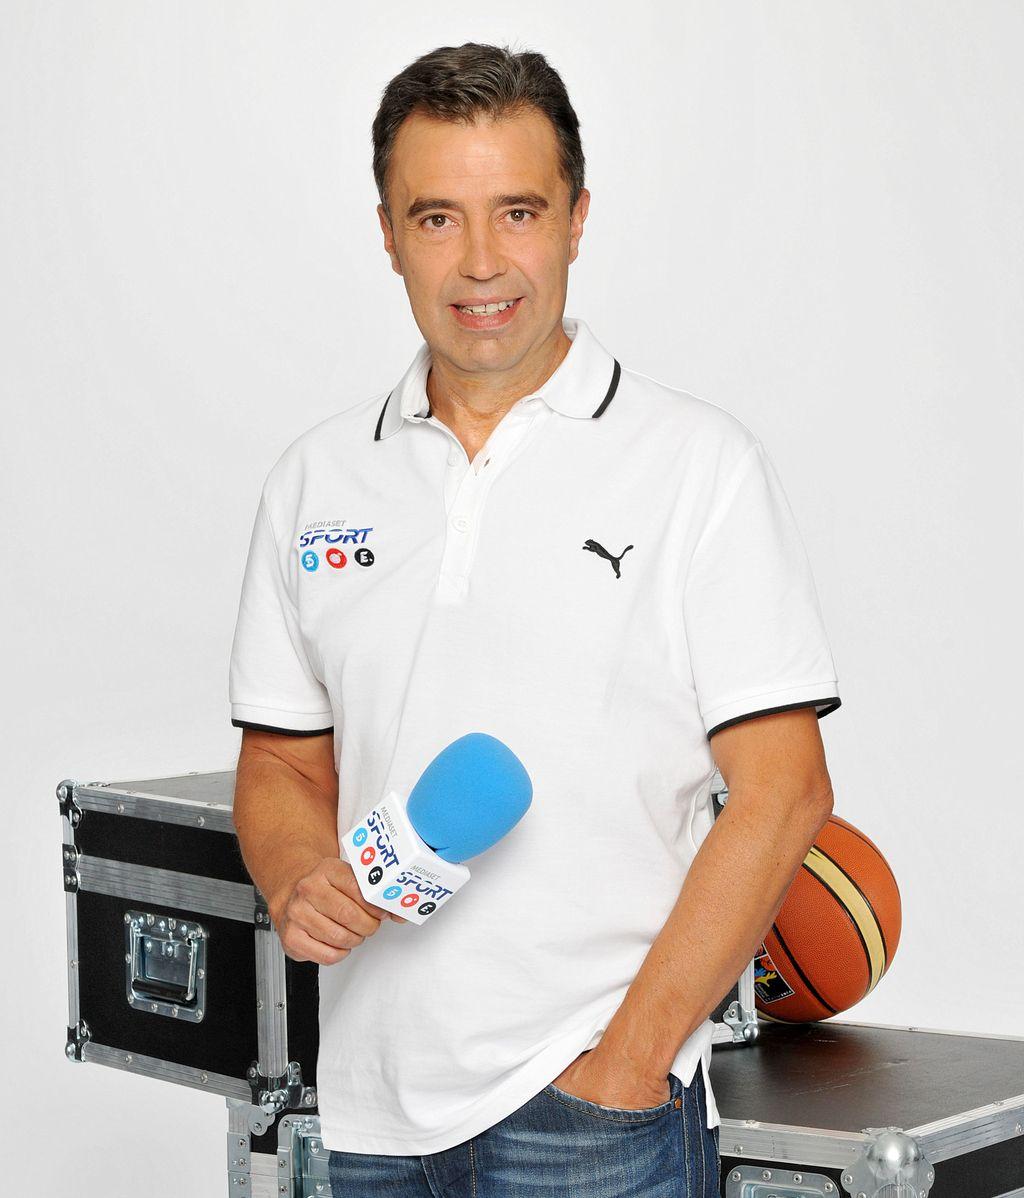 El equipo del Eurobasket 2017, retransmitido por Mediaset